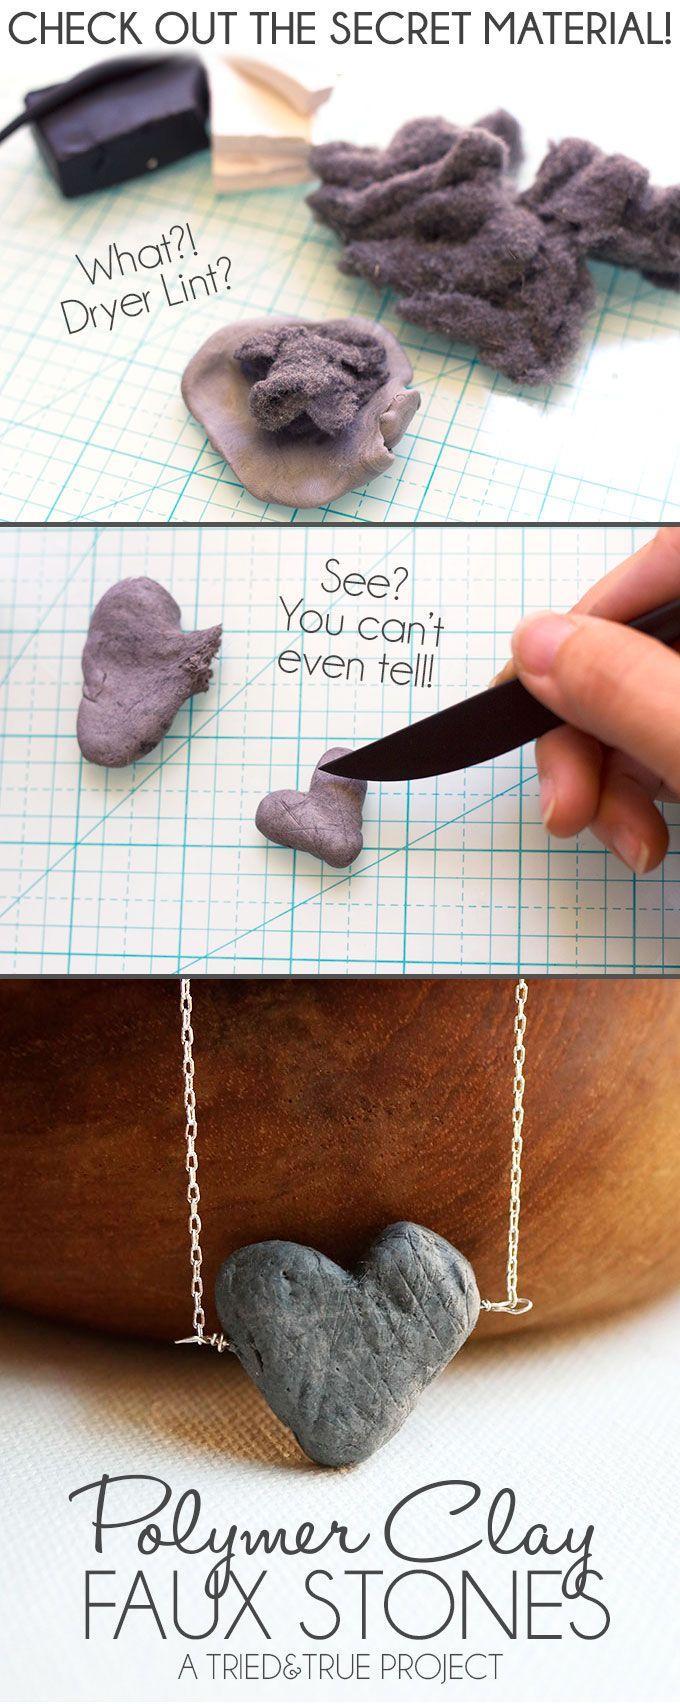 Faux Stone Jewelry with Polymer Clay - Tried & True